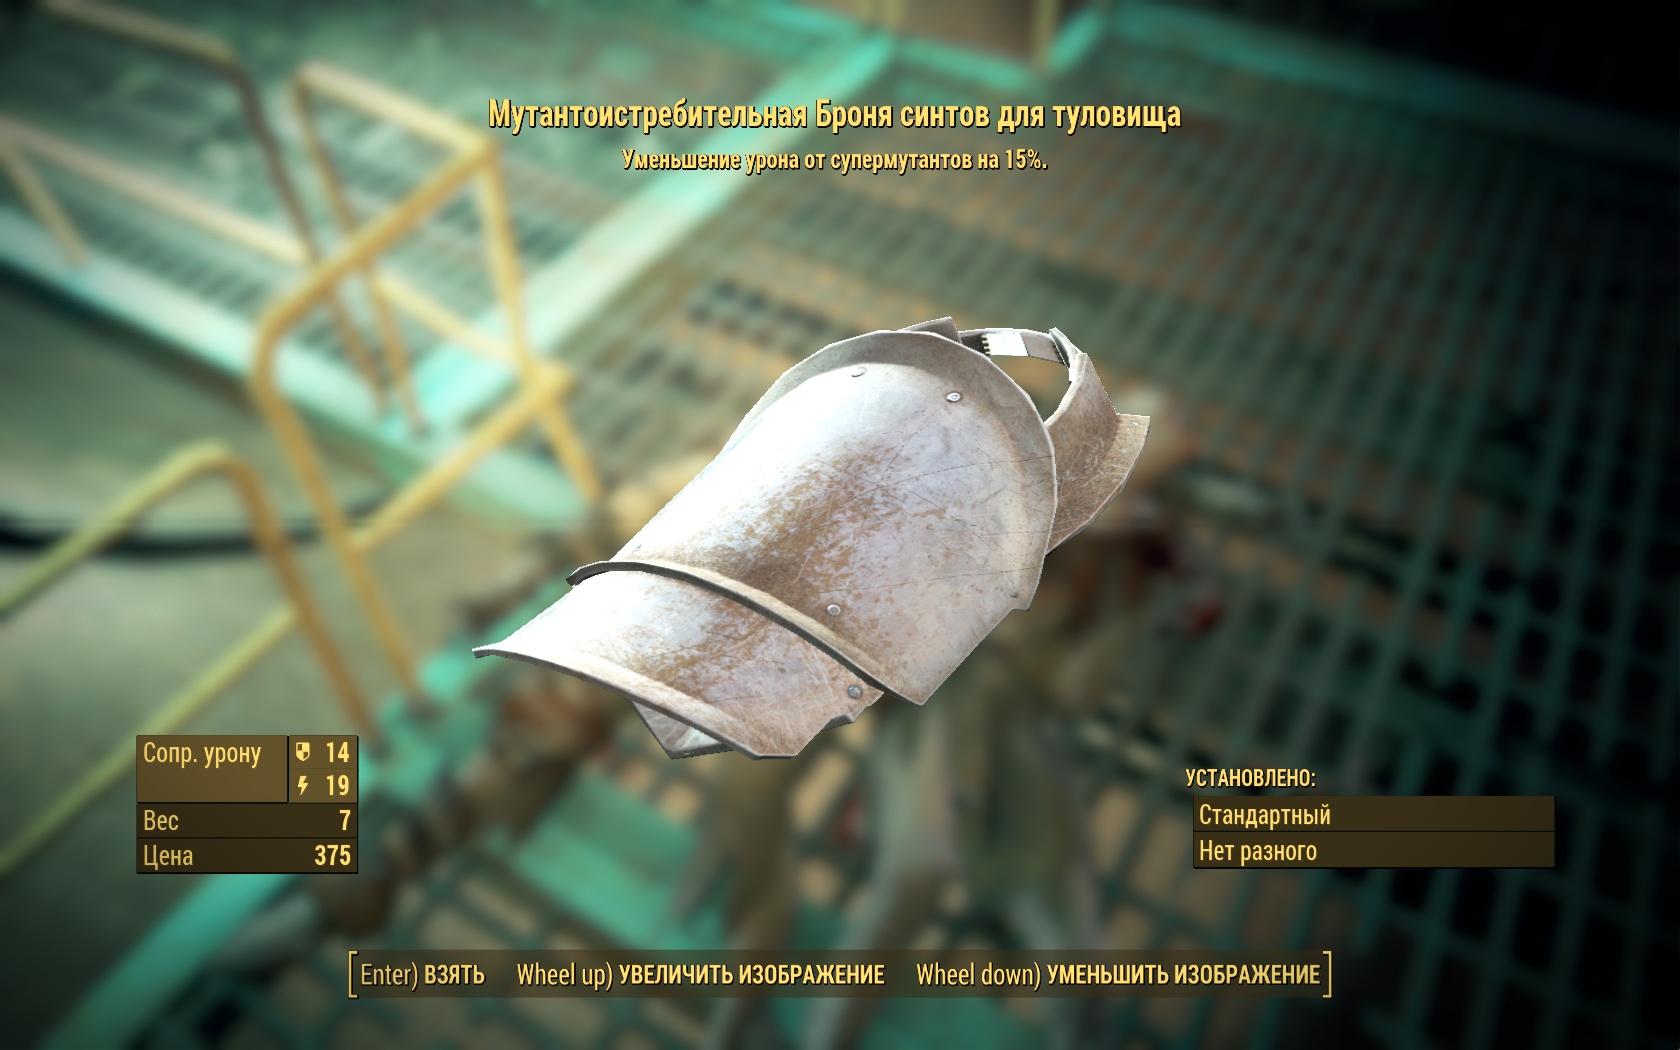 Мутантоистребительная броня синтов для туловища - Fallout 4 броня, Мутантоистребительная, Одежда